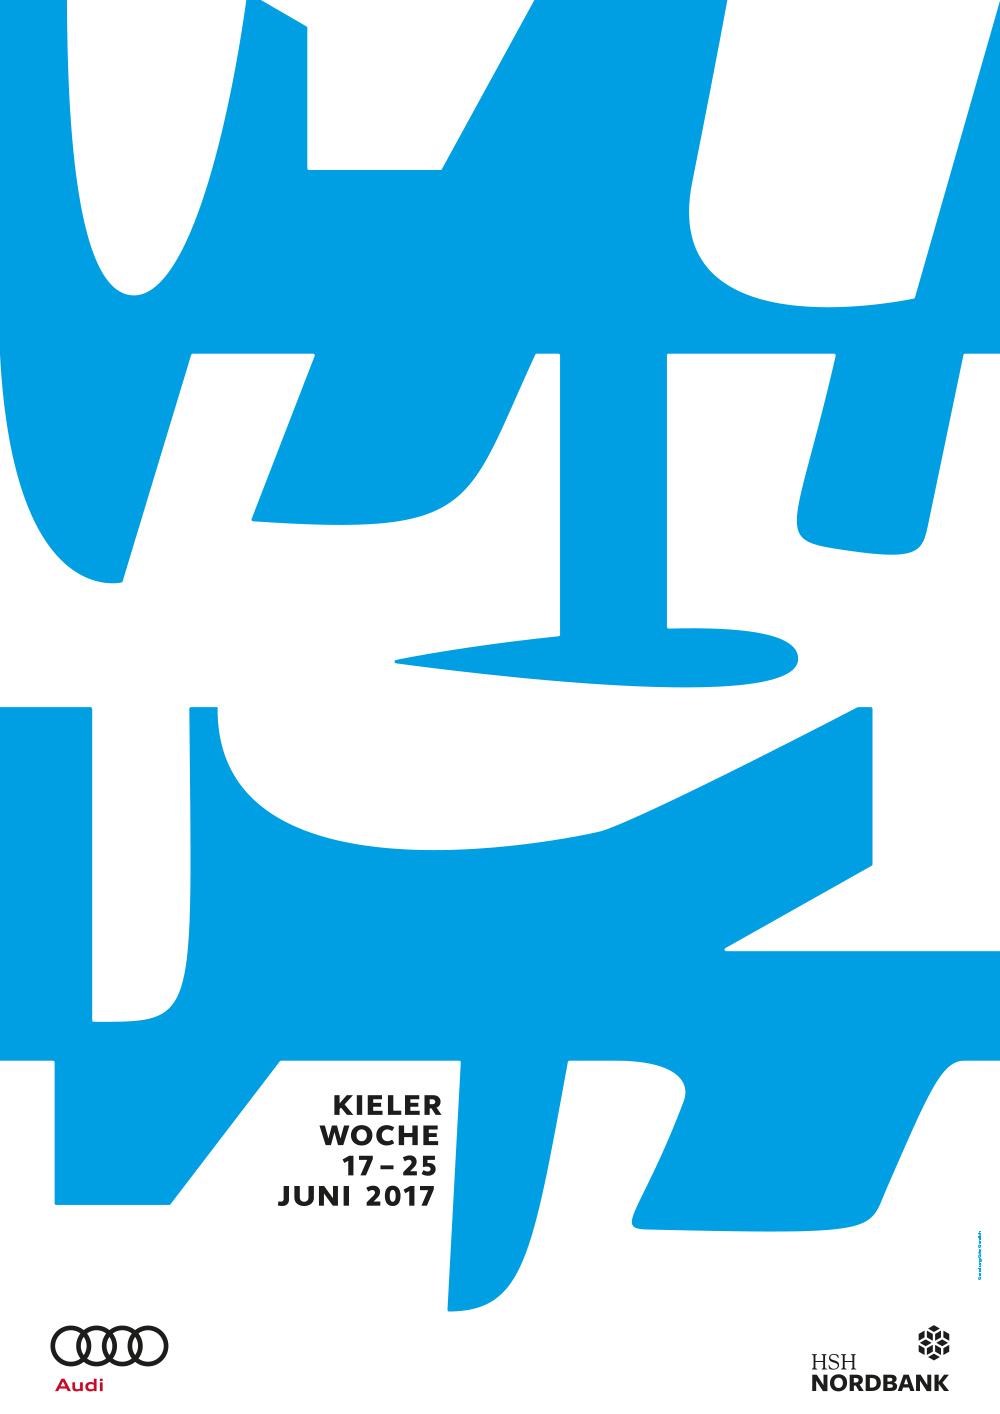 Das offizielle Kieler-Woche-Plakat 2017 zieren Blaue und weiße Kiele, Schwerter und Finnen, die Segelbooten unter Wasser Stabilität verleihen und gleichzeitig das Wasser schneiden.